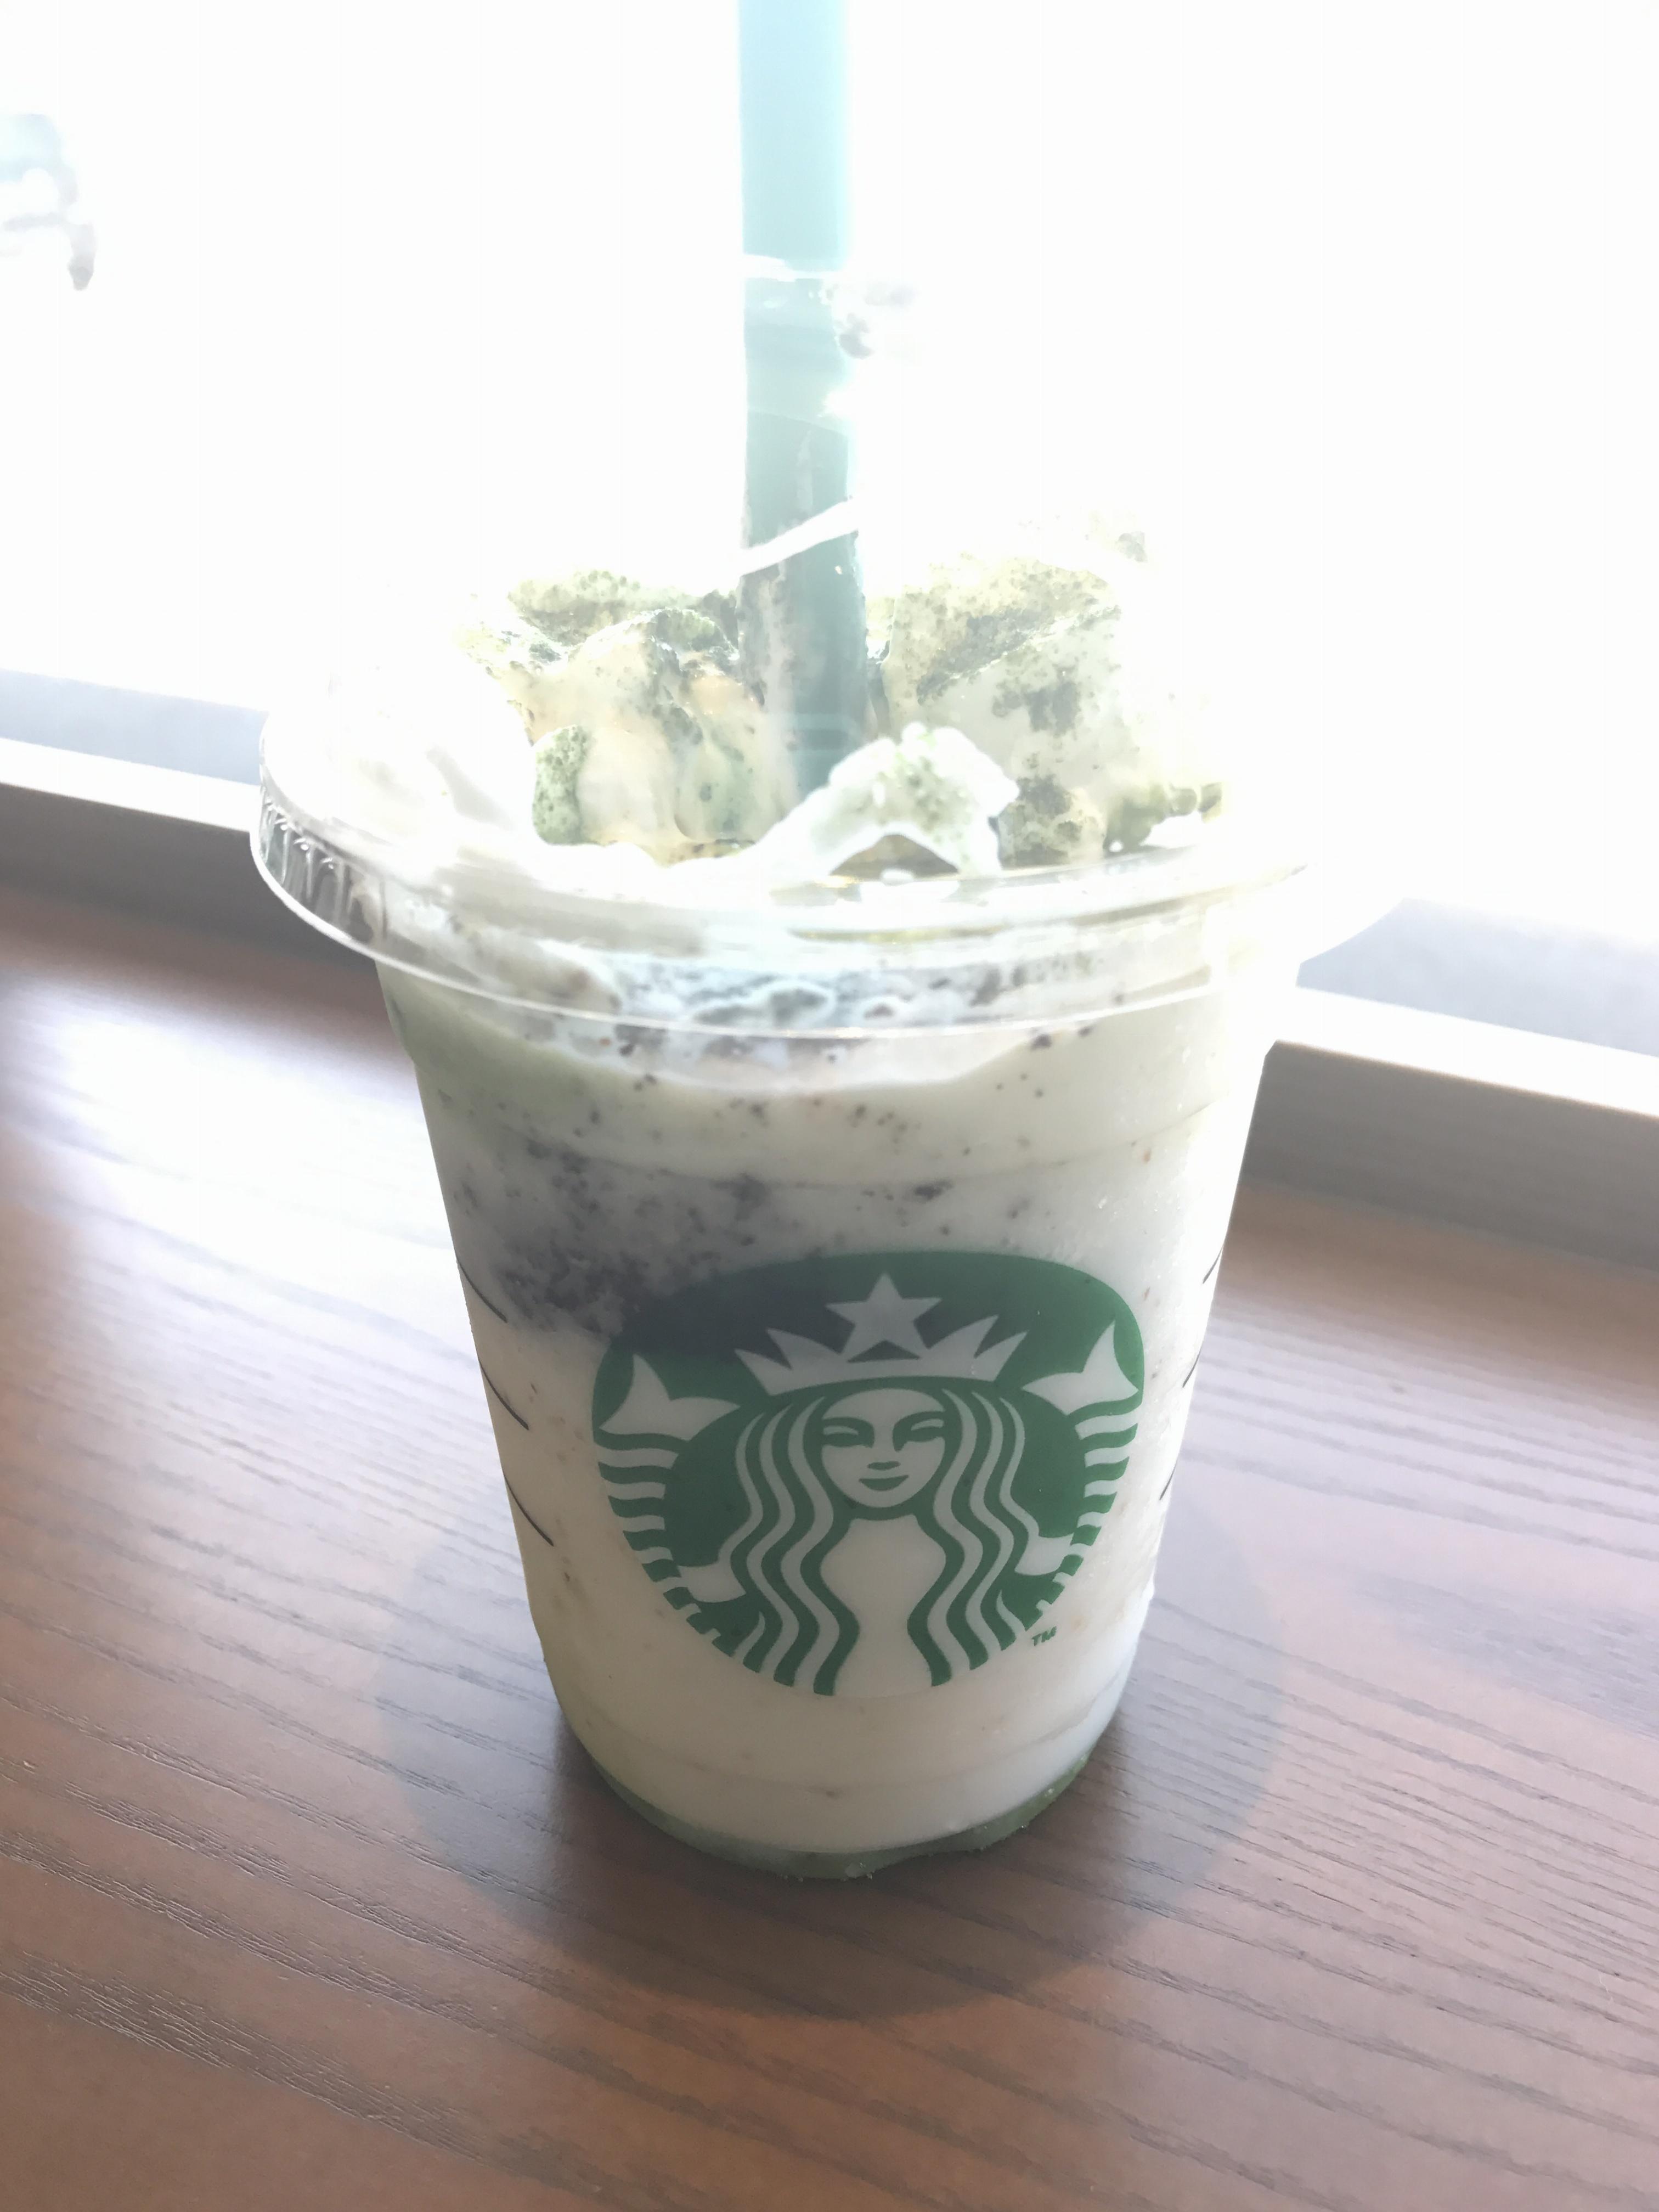 【スタバ】新作チョコレートケーキトップフラペチーノwith抹茶ショットを早速カスタム♡_1